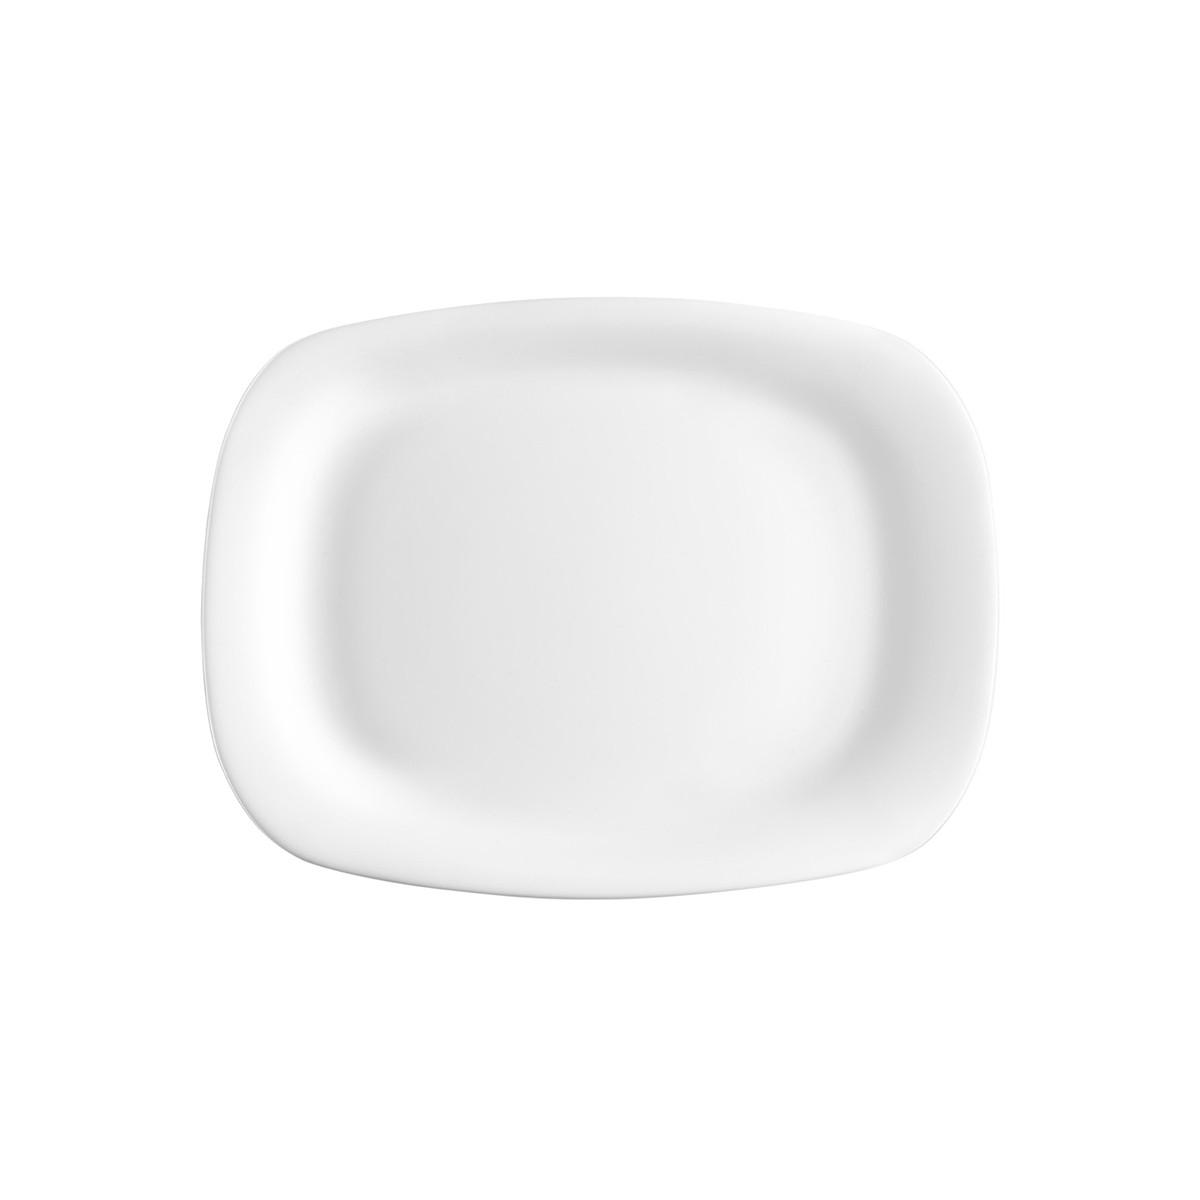 Тарелка прямоугольная